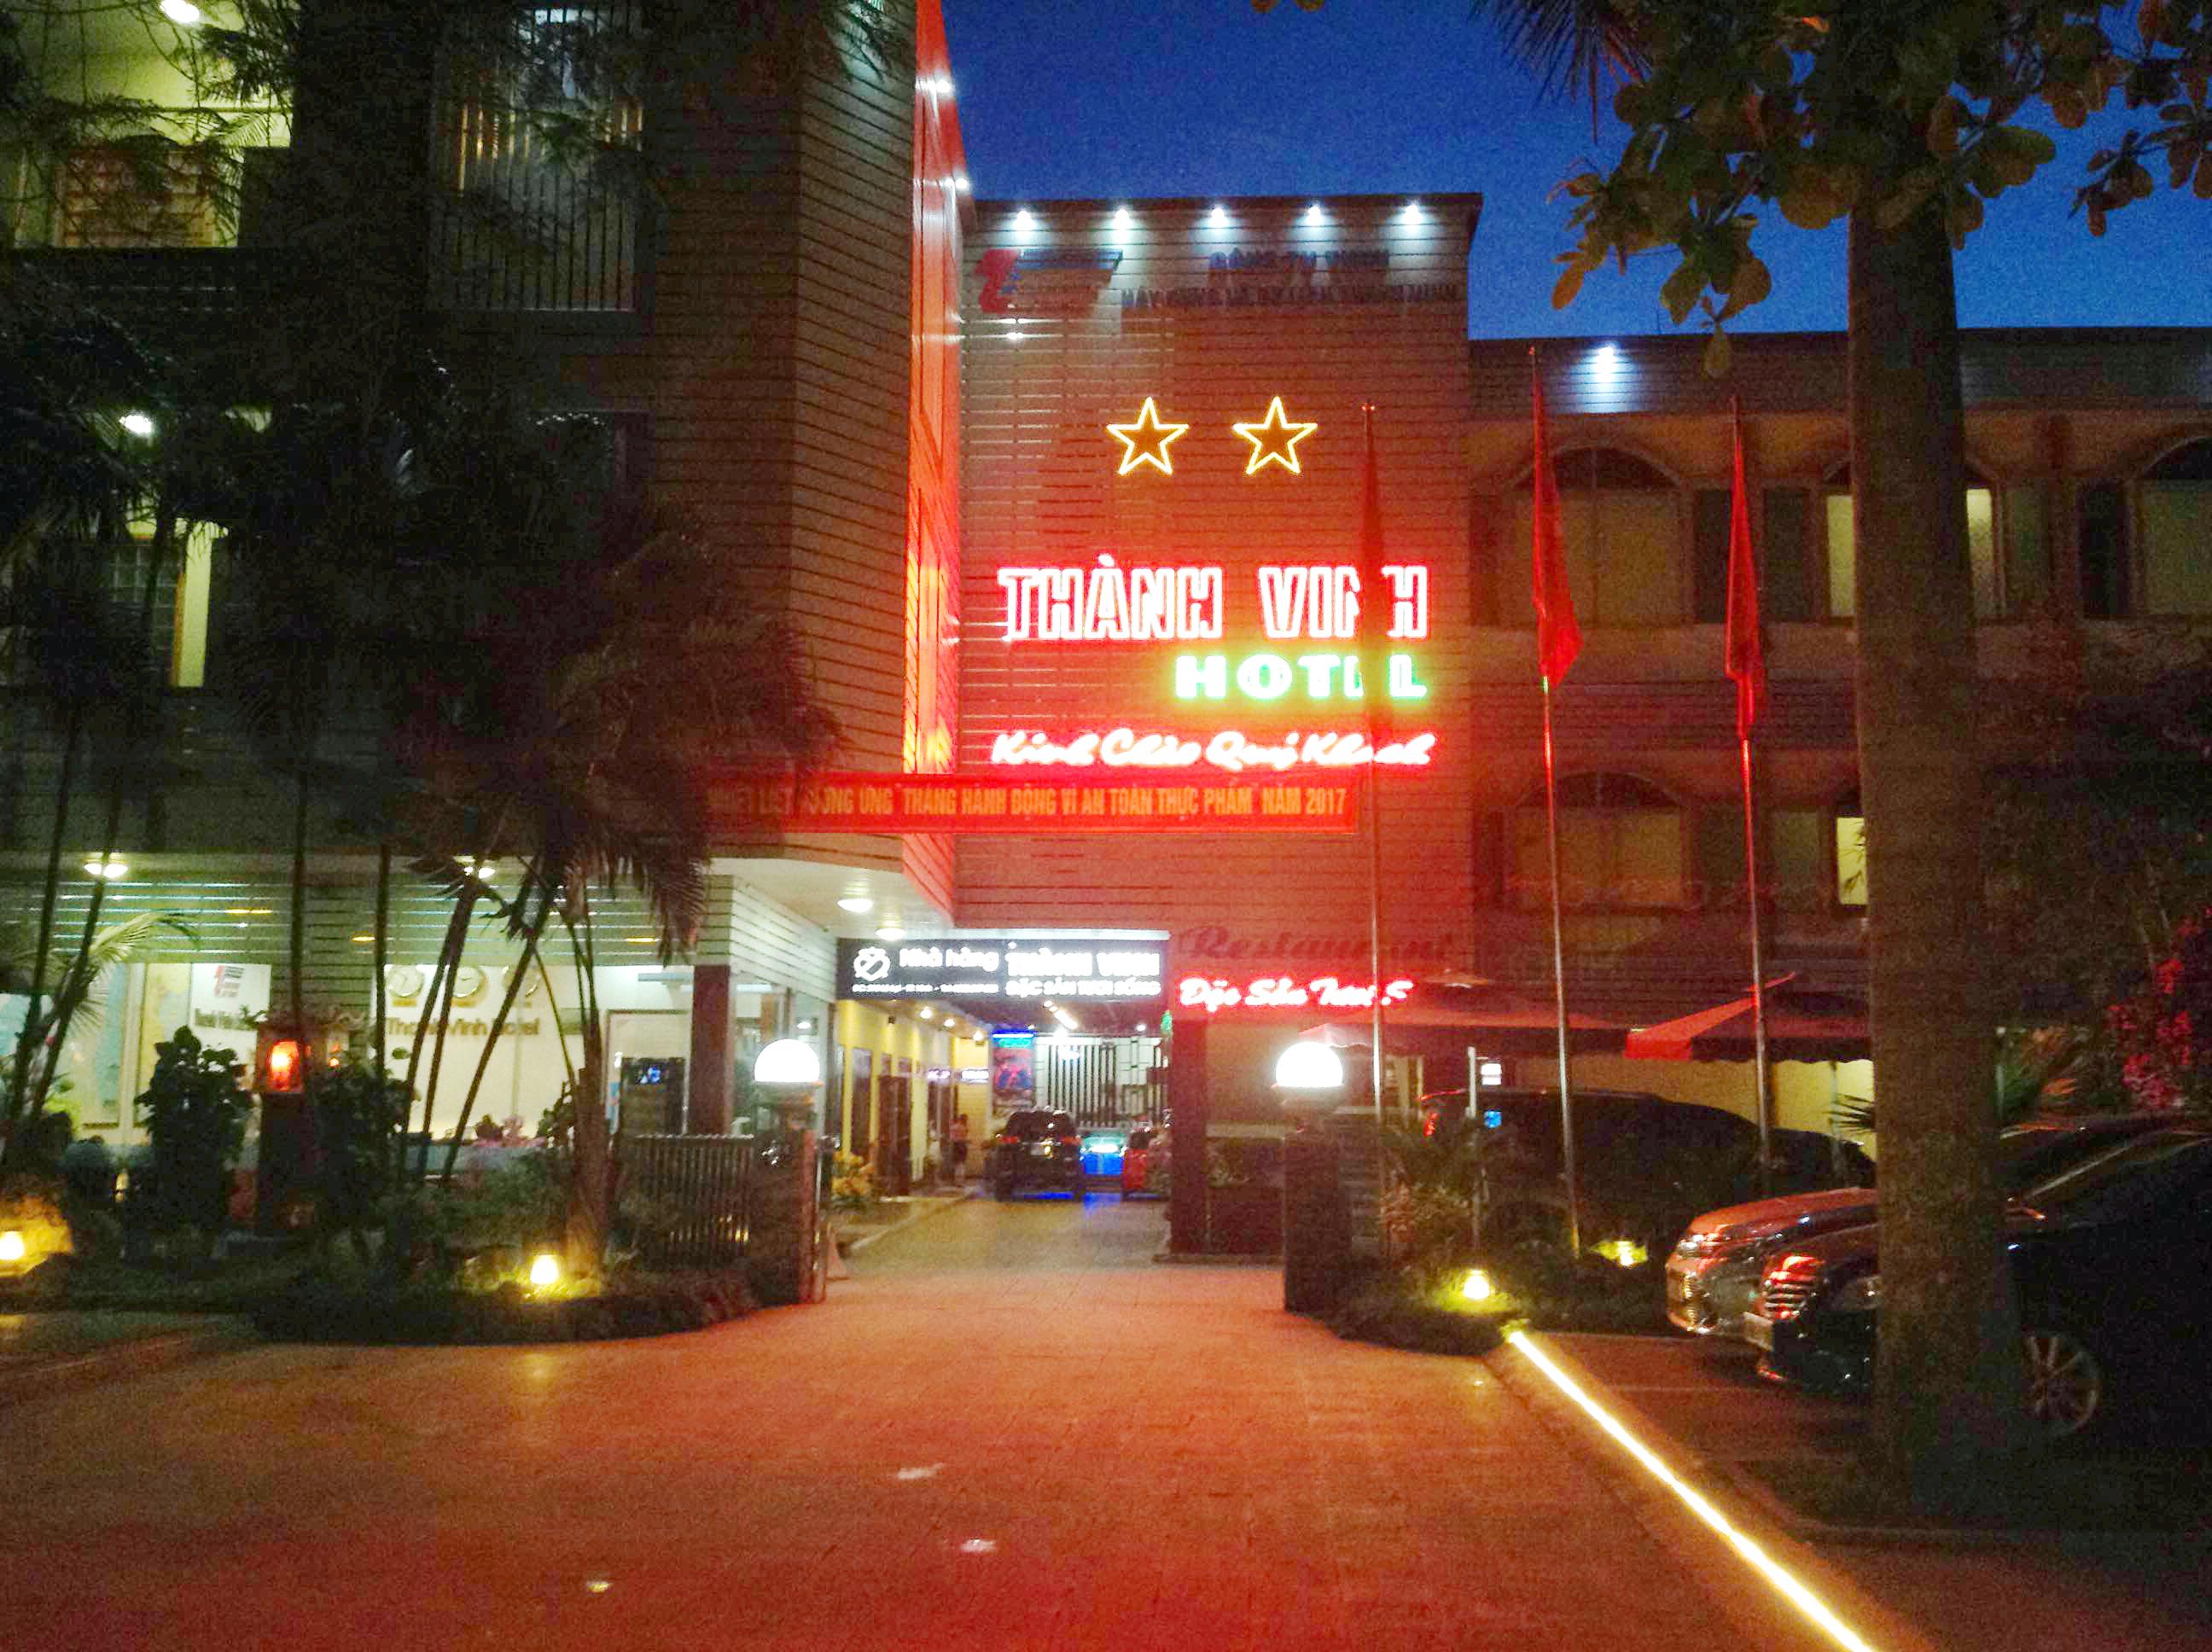 Khách sạn nghệ an